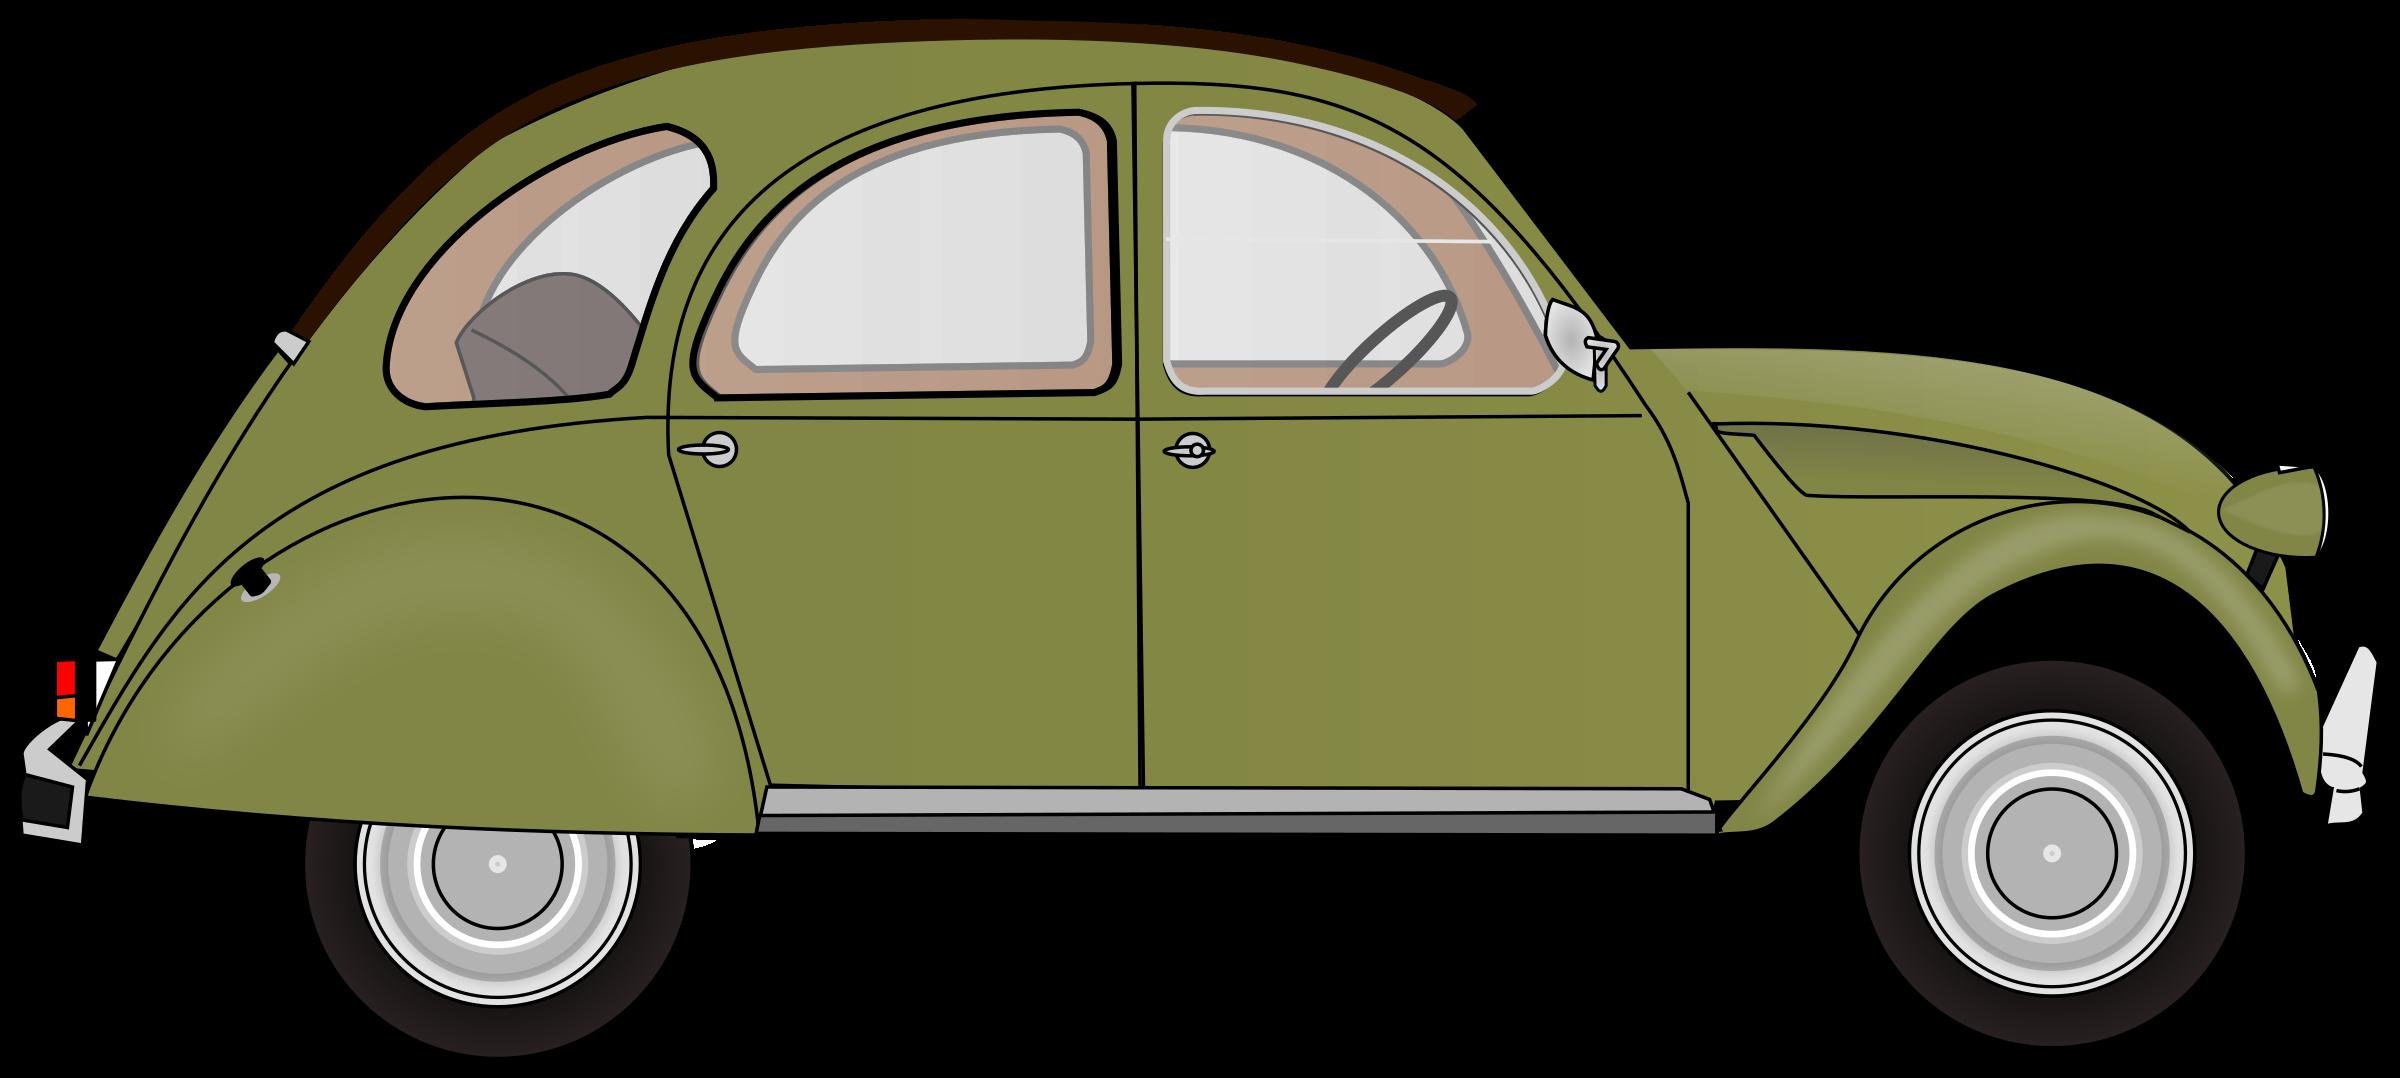 Clipart car colour. Cv big image png